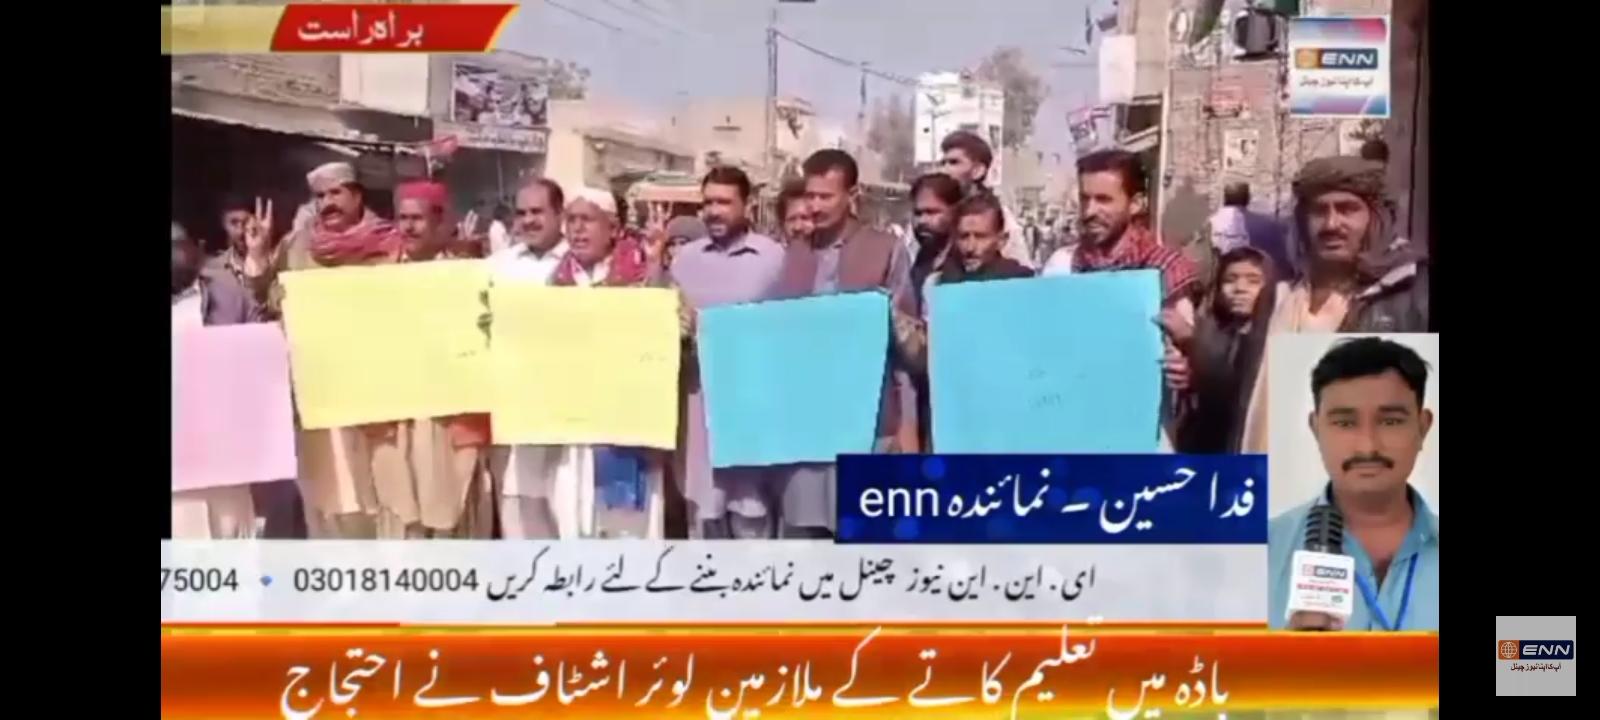 باڈہ میں تعلیم کاتے کے ملازمین لوئر اشٹاف نے احتجاج